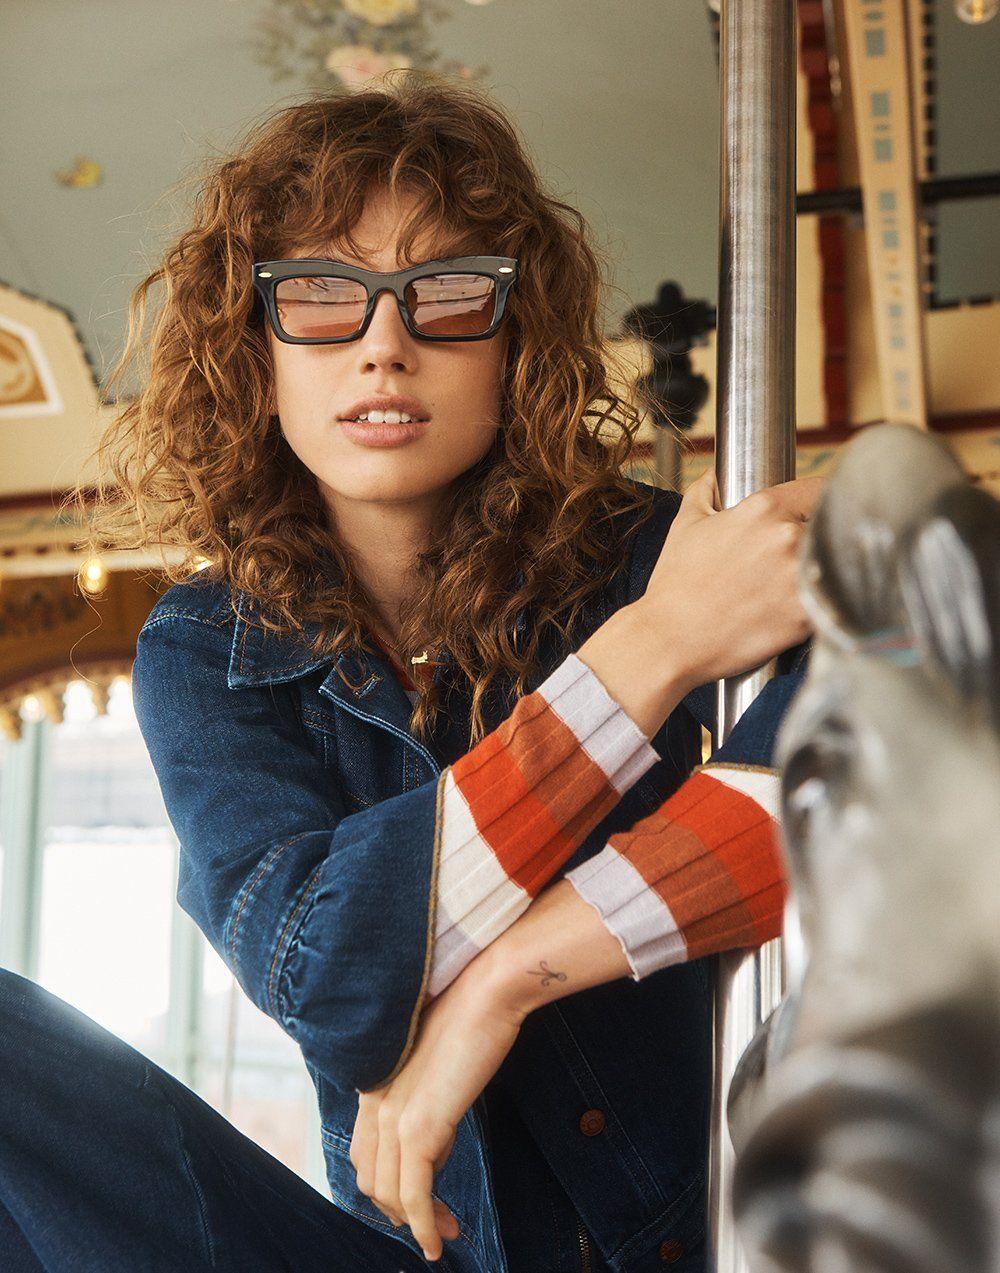 0d41f48a79b madewell x karen walker banks sunglasses worn with madewell x karen walker  muster denim jacket + clarkwell pullover sweater.